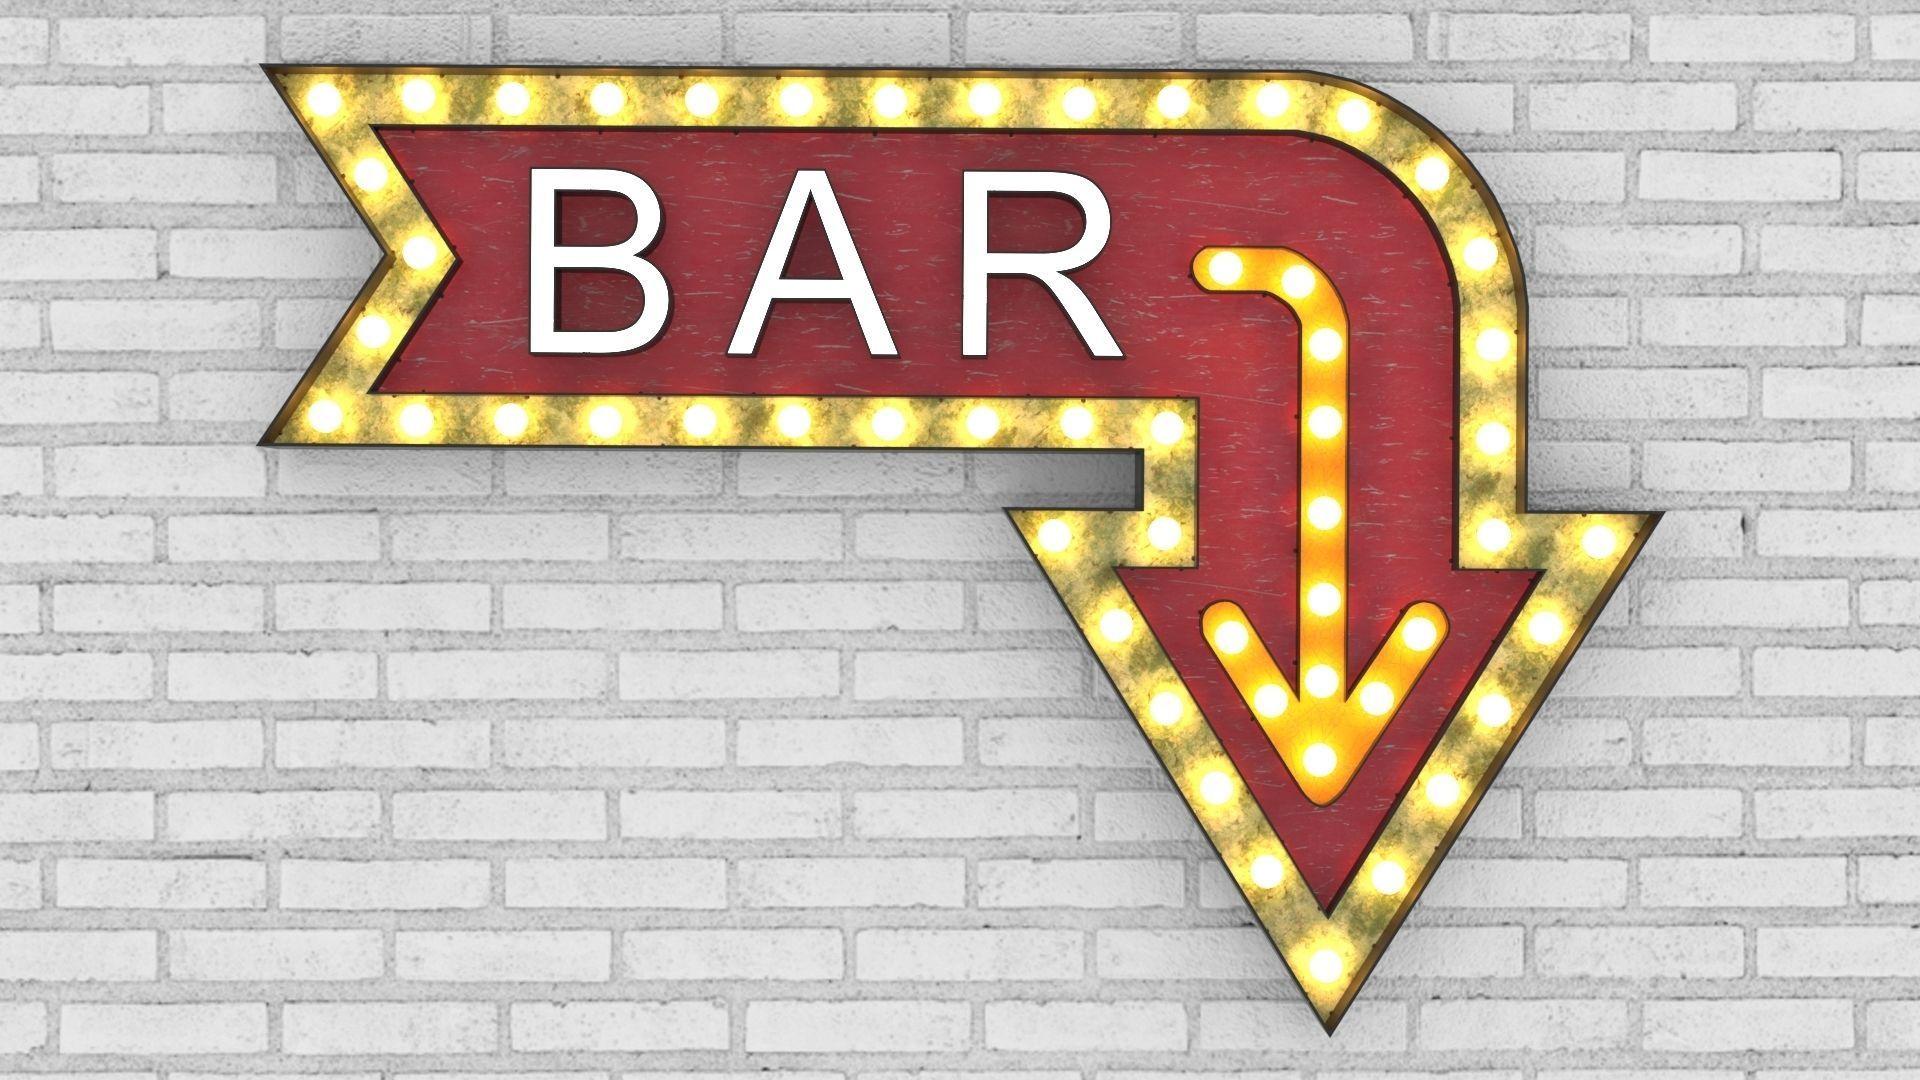 3D model Large Up Letters Light Bar Sign | CGTrader